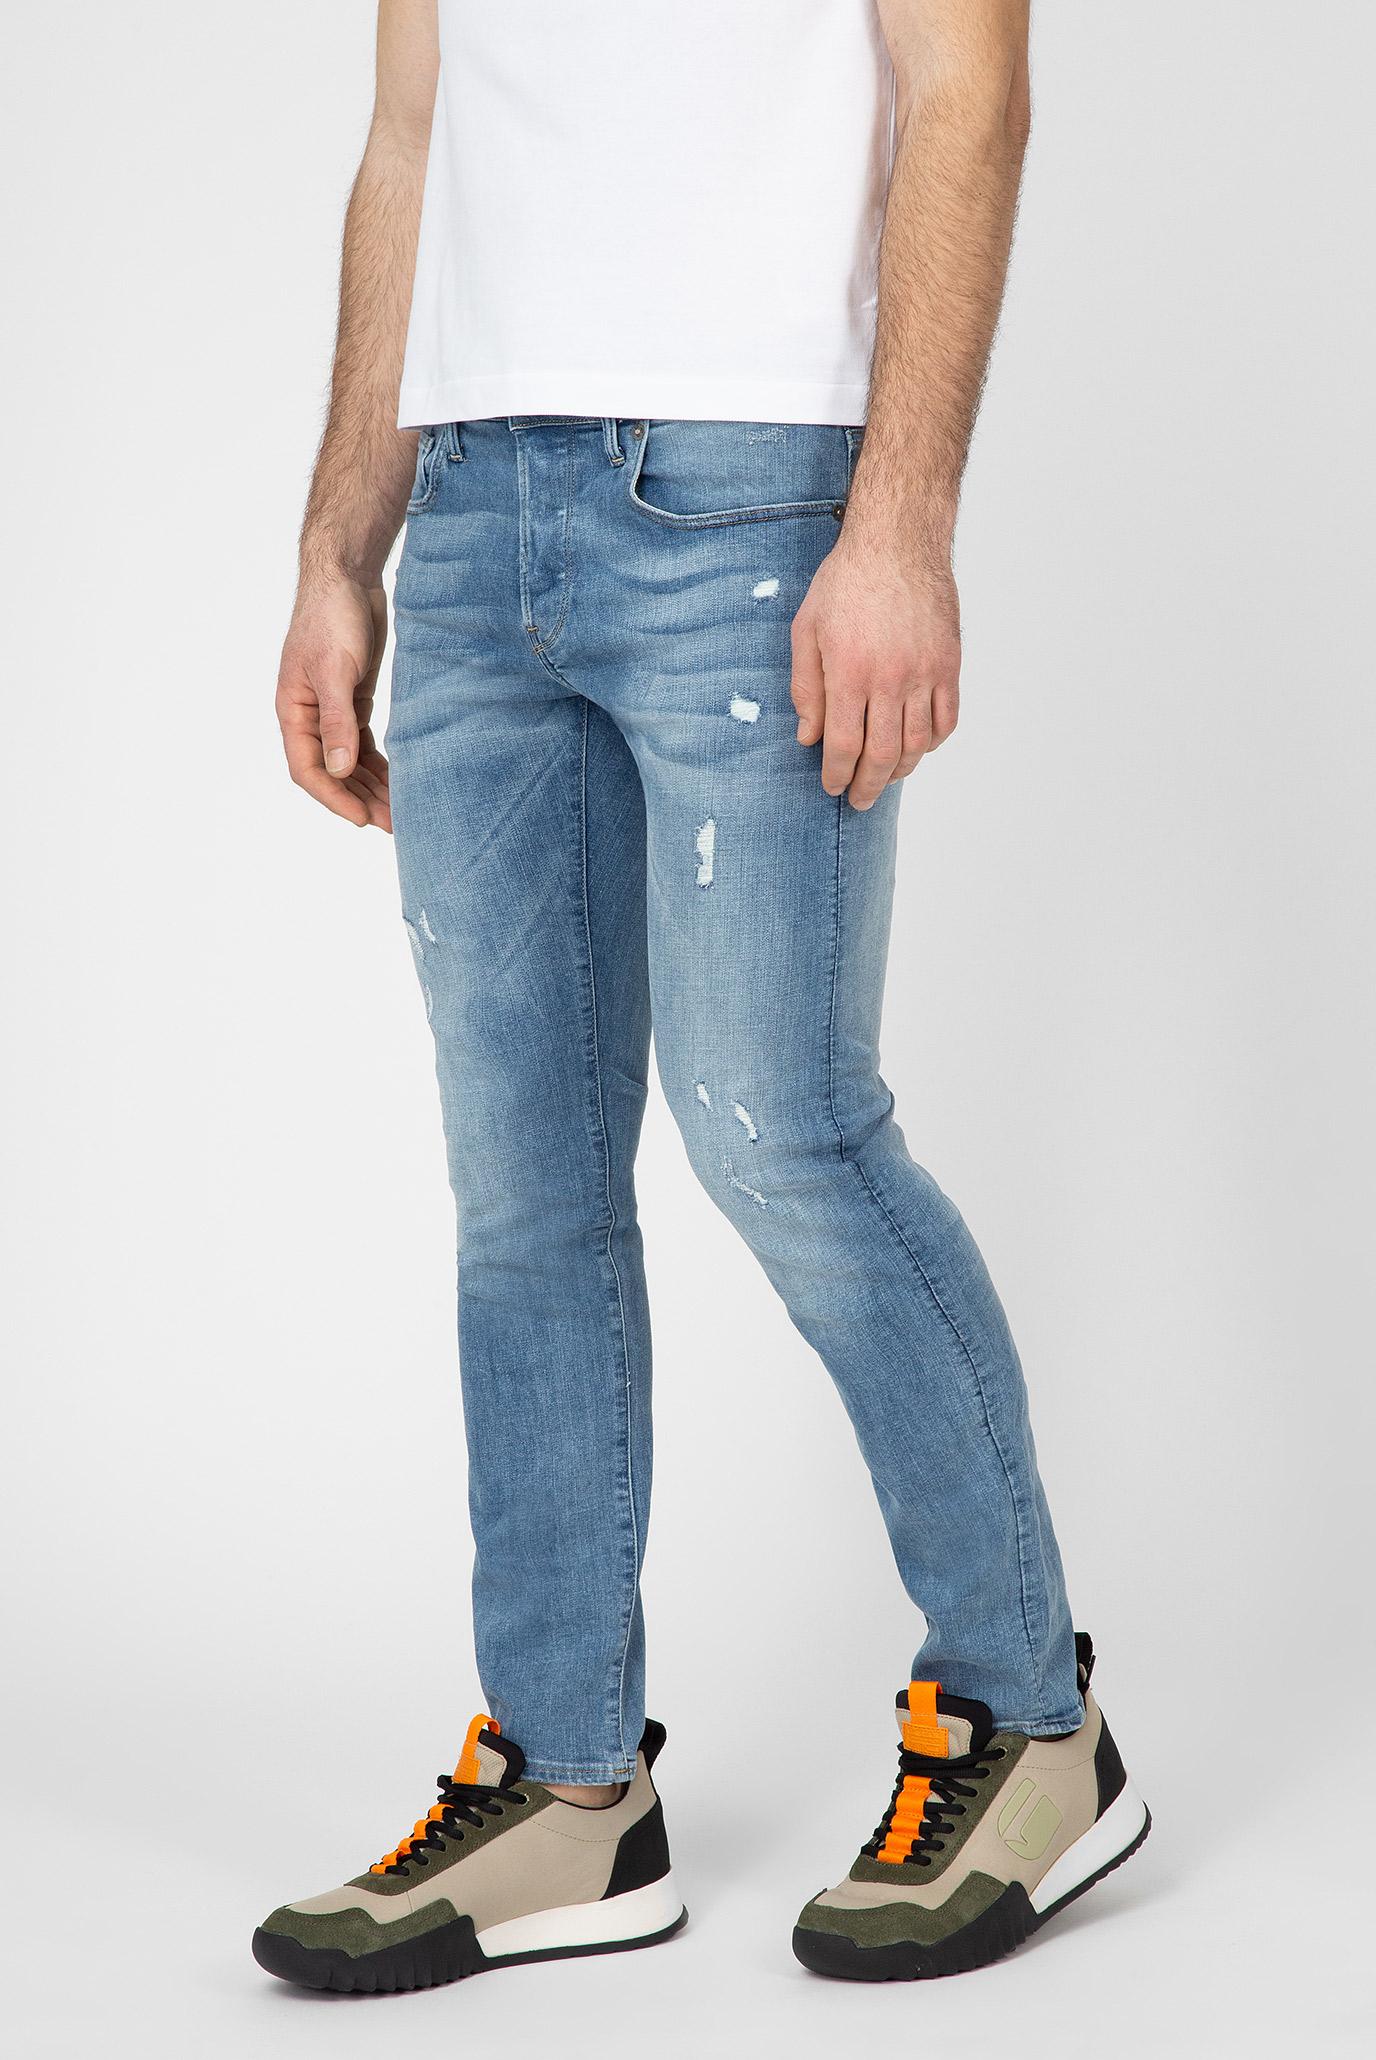 Купить Мужские голубые джинсы 3301 G-Star RAW G-Star RAW 51001,9136 – Киев, Украина. Цены в интернет магазине MD Fashion